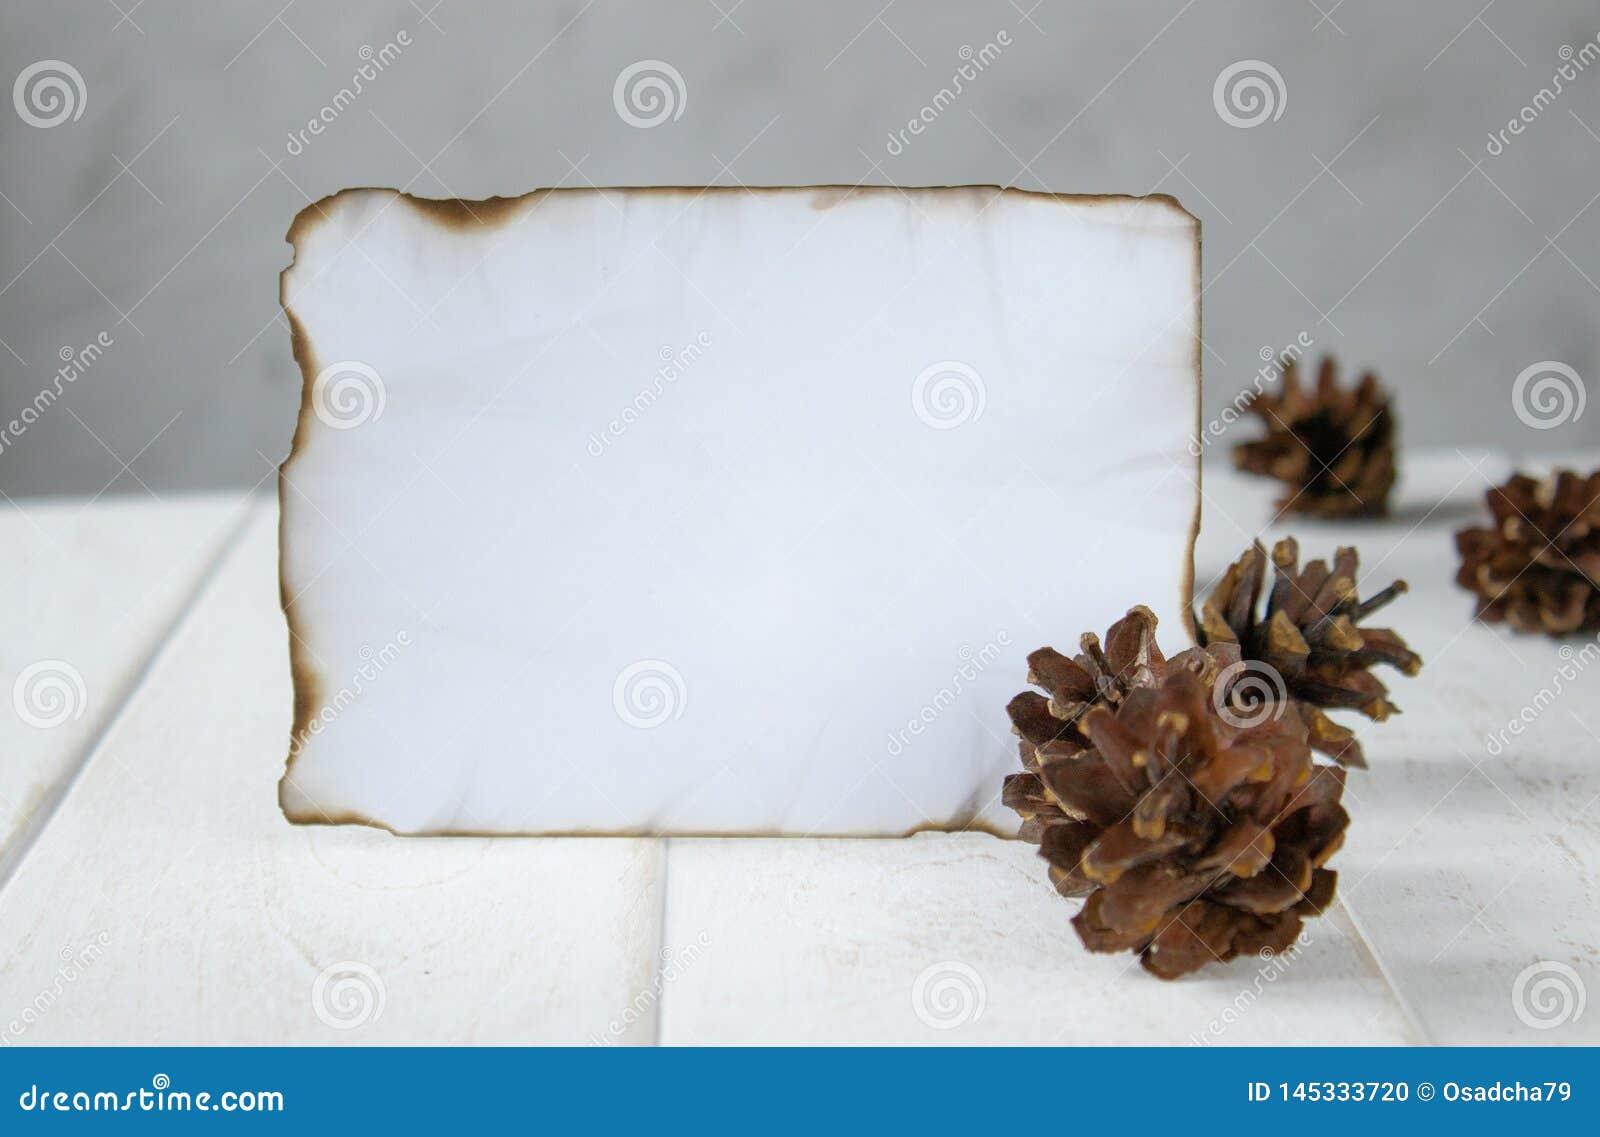 En los tableros de madera blancos, una hoja de papel quemada a lo largo de los bordes, conos del bosque alrededor de los bordes D